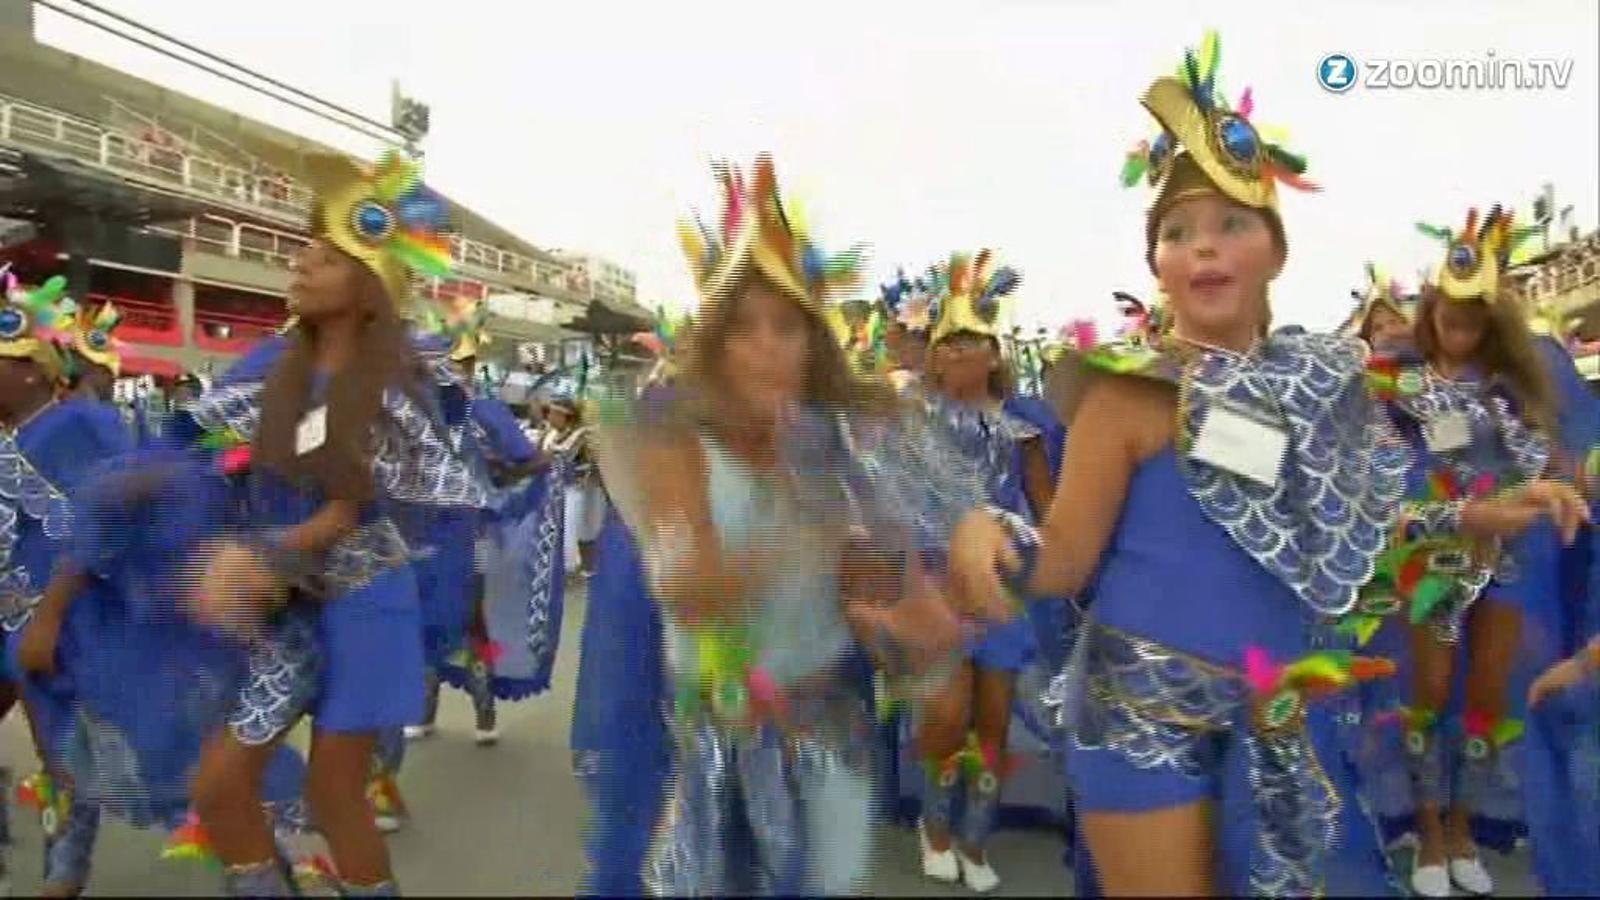 Els nens envaeixen el sambòdrom de Río de Janeiro a la recta final del carnaval